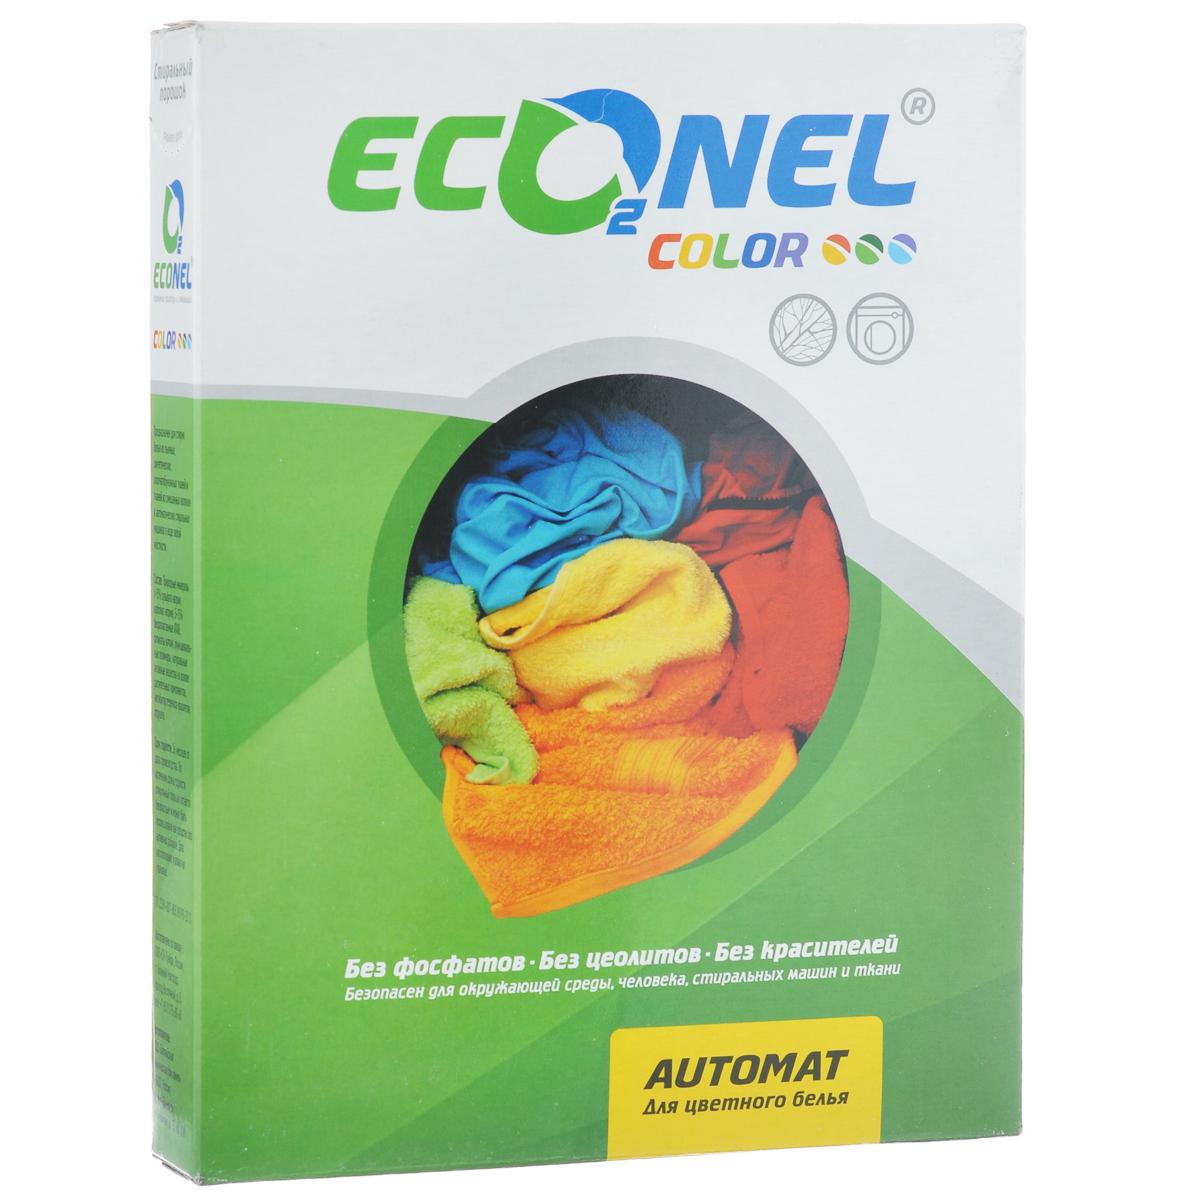 Стиральный порошок Econel Color, автомат, для цветного белья, 400 г870140Стиральный порошок Econel Color предназначен для стирки белья из льняных, синтетических, хлопчатобумажных тканей и тканей из смешанных волокон в автоматических стиральных машинах в воде любой жесткости. Полностью биоразлагаемый порошок, не наносит вреда окружающей среде. Современное производство не образует пыли, которая может раздражать дыхательные пути. Высокоэффективная стирка за счет содержания современных активных компонентов. Эффективен даже при низких температурах стирки. Сохраняет цвет вещей после многократных стирок. Не содержит искусственных отдушек и красителей, не вызывает аллергию. Защищает стиральную машину от накипи. Состав: природные материалы (более 15% сульфата натрия, карбонат натрия), 5-15% биоразлагаемые АПАВ, силикаты натрия, функциональные полимеры, натуральные активные вещества на основе растительных компонентов, ингибитор переноса красителя, отдушка.